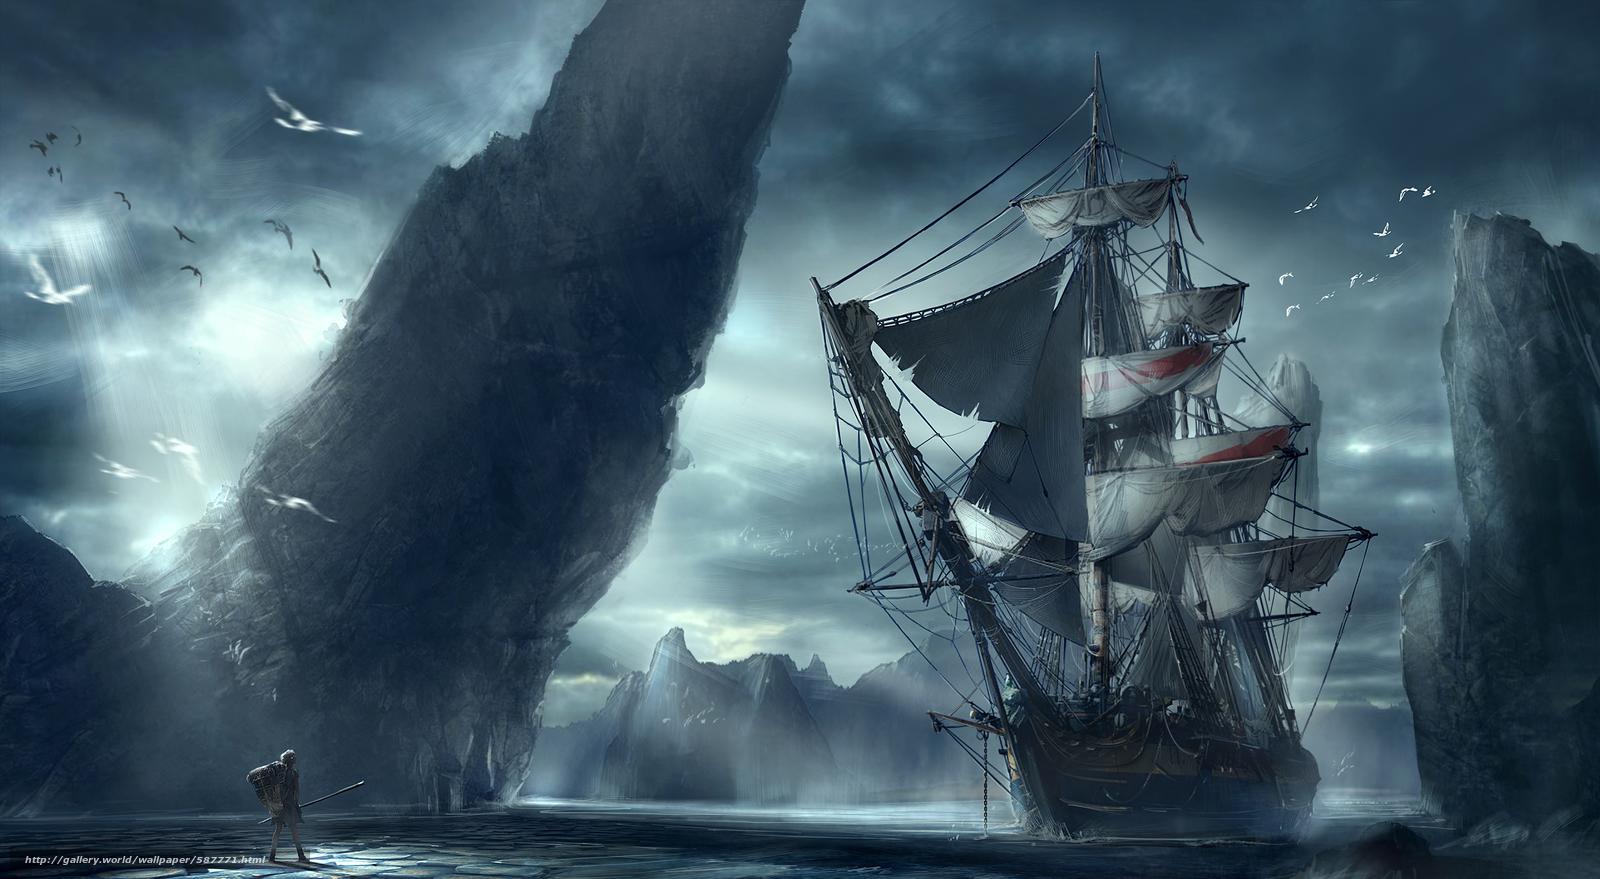 Скачать обои корабль,  человек,  гора,  море бесплатно для рабочего стола в разрешении 4879x2679 — картинка №587771